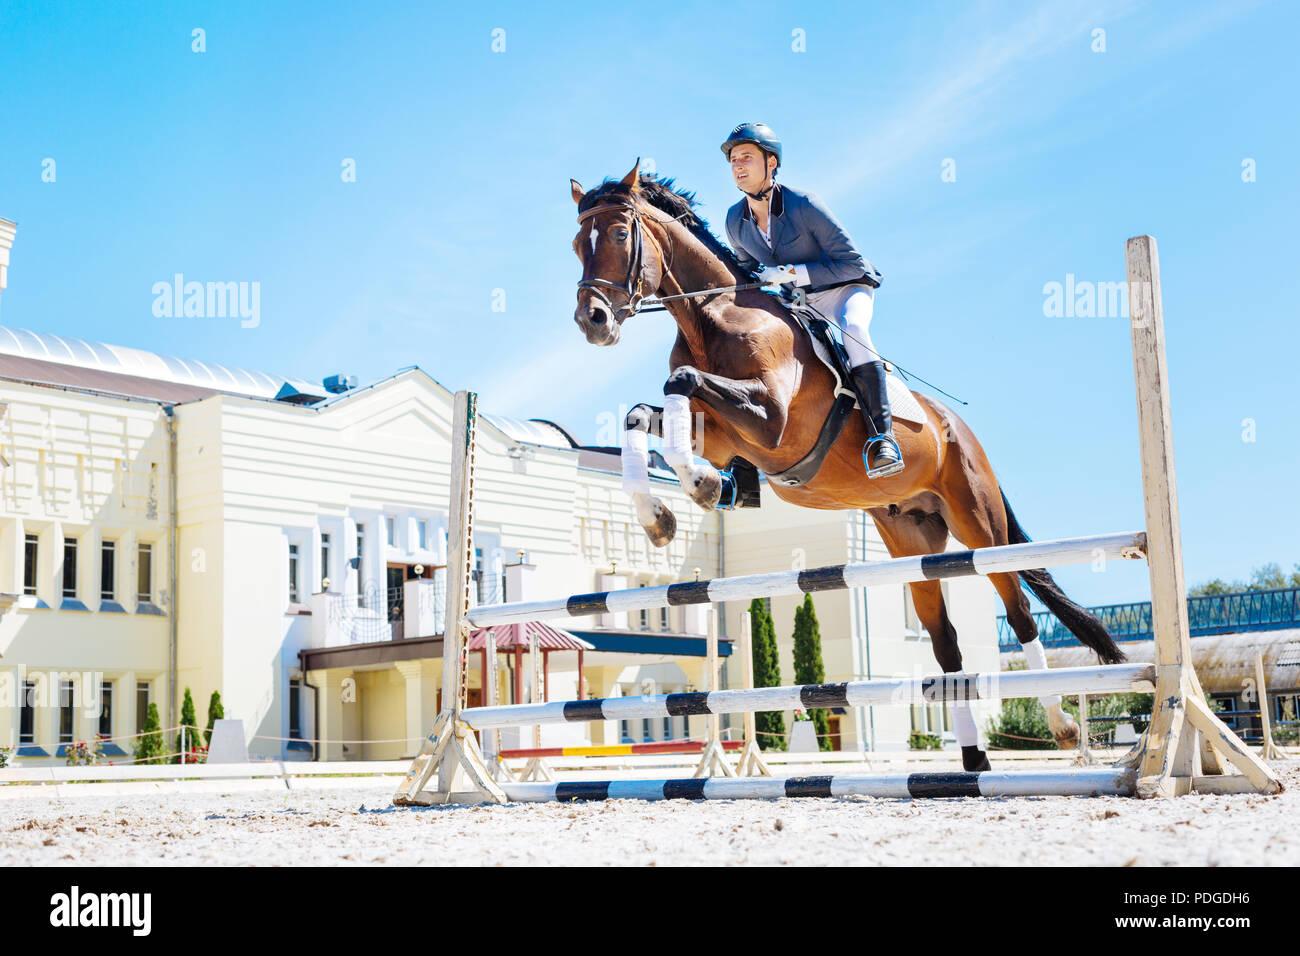 Caballo hombre vestido con chaqueta azul sentirse entusiasmado mientras caballo si logran superar Imagen De Stock